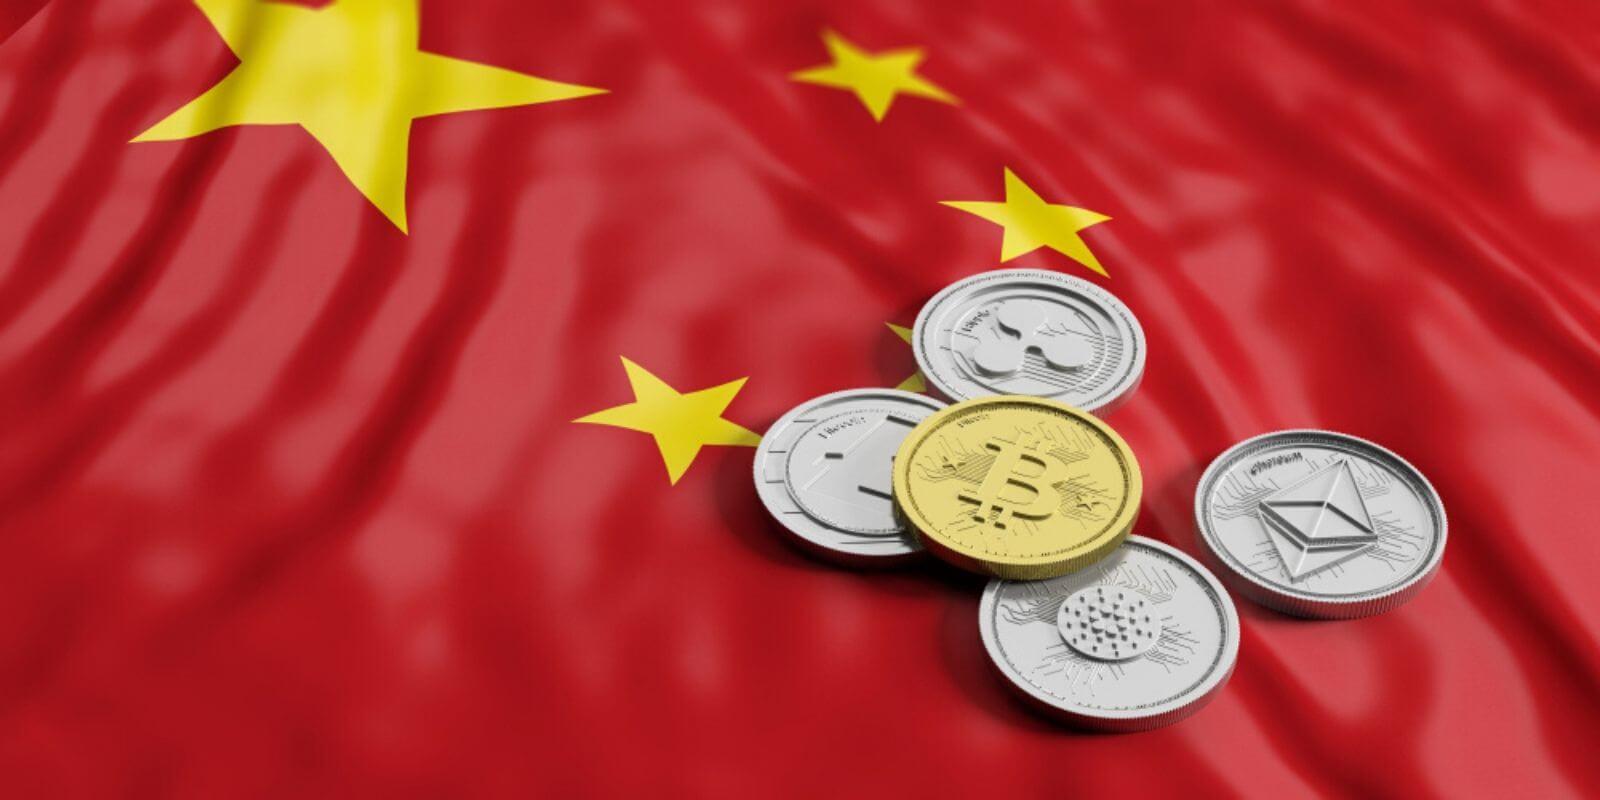 Chine: les investissements dans la blockchain ont baissé de 40%